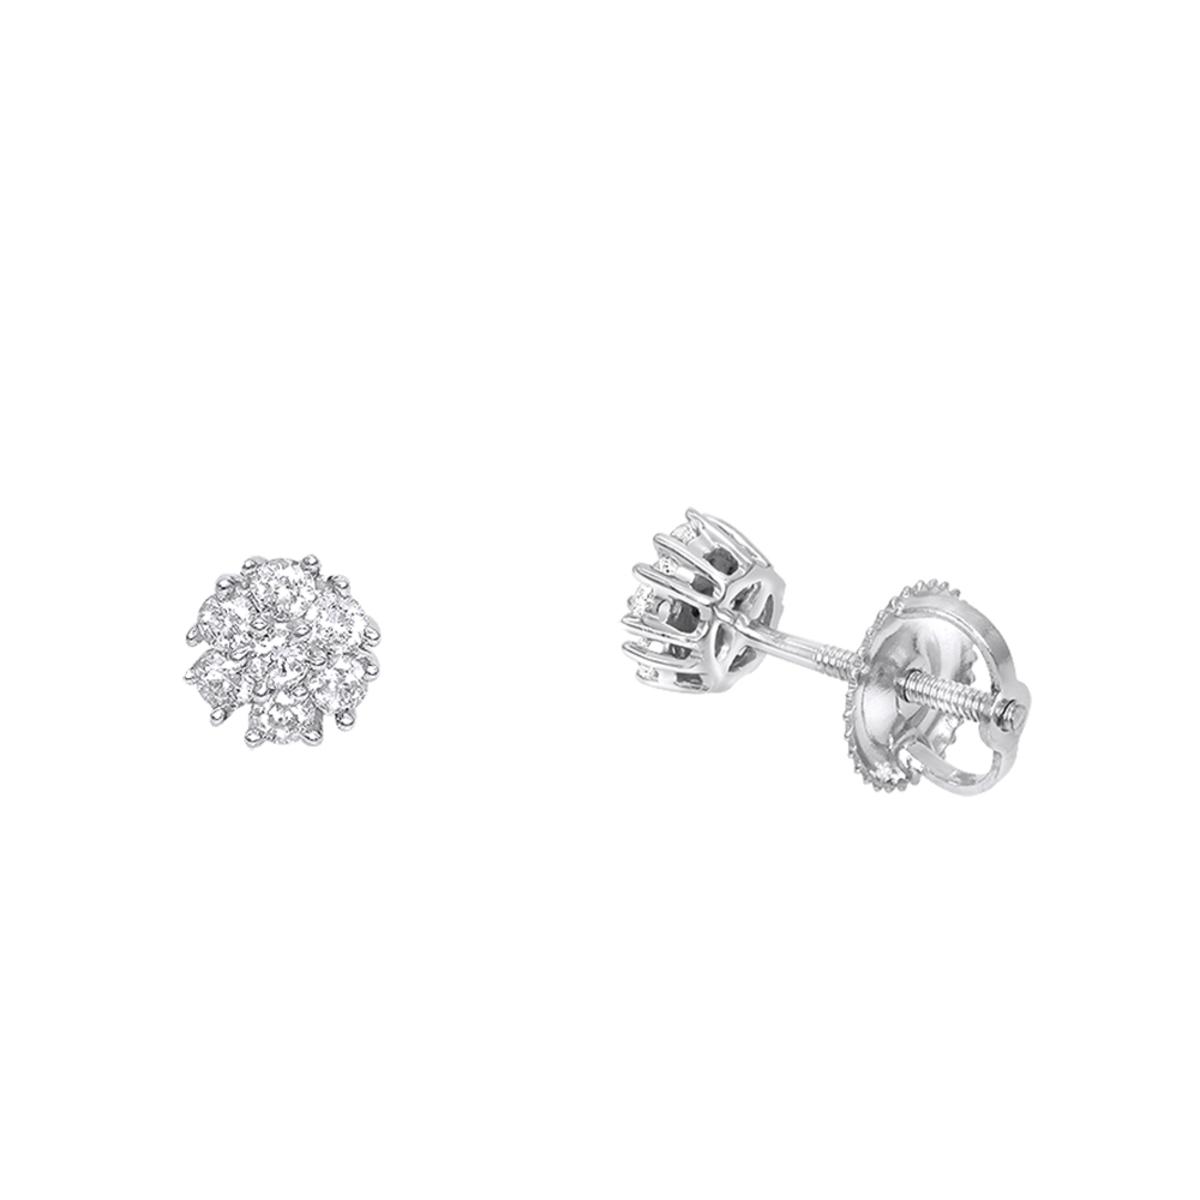 14K Gold Cluster Flower Diamond Stud Earrings for Women 0.25ct by Luxurman